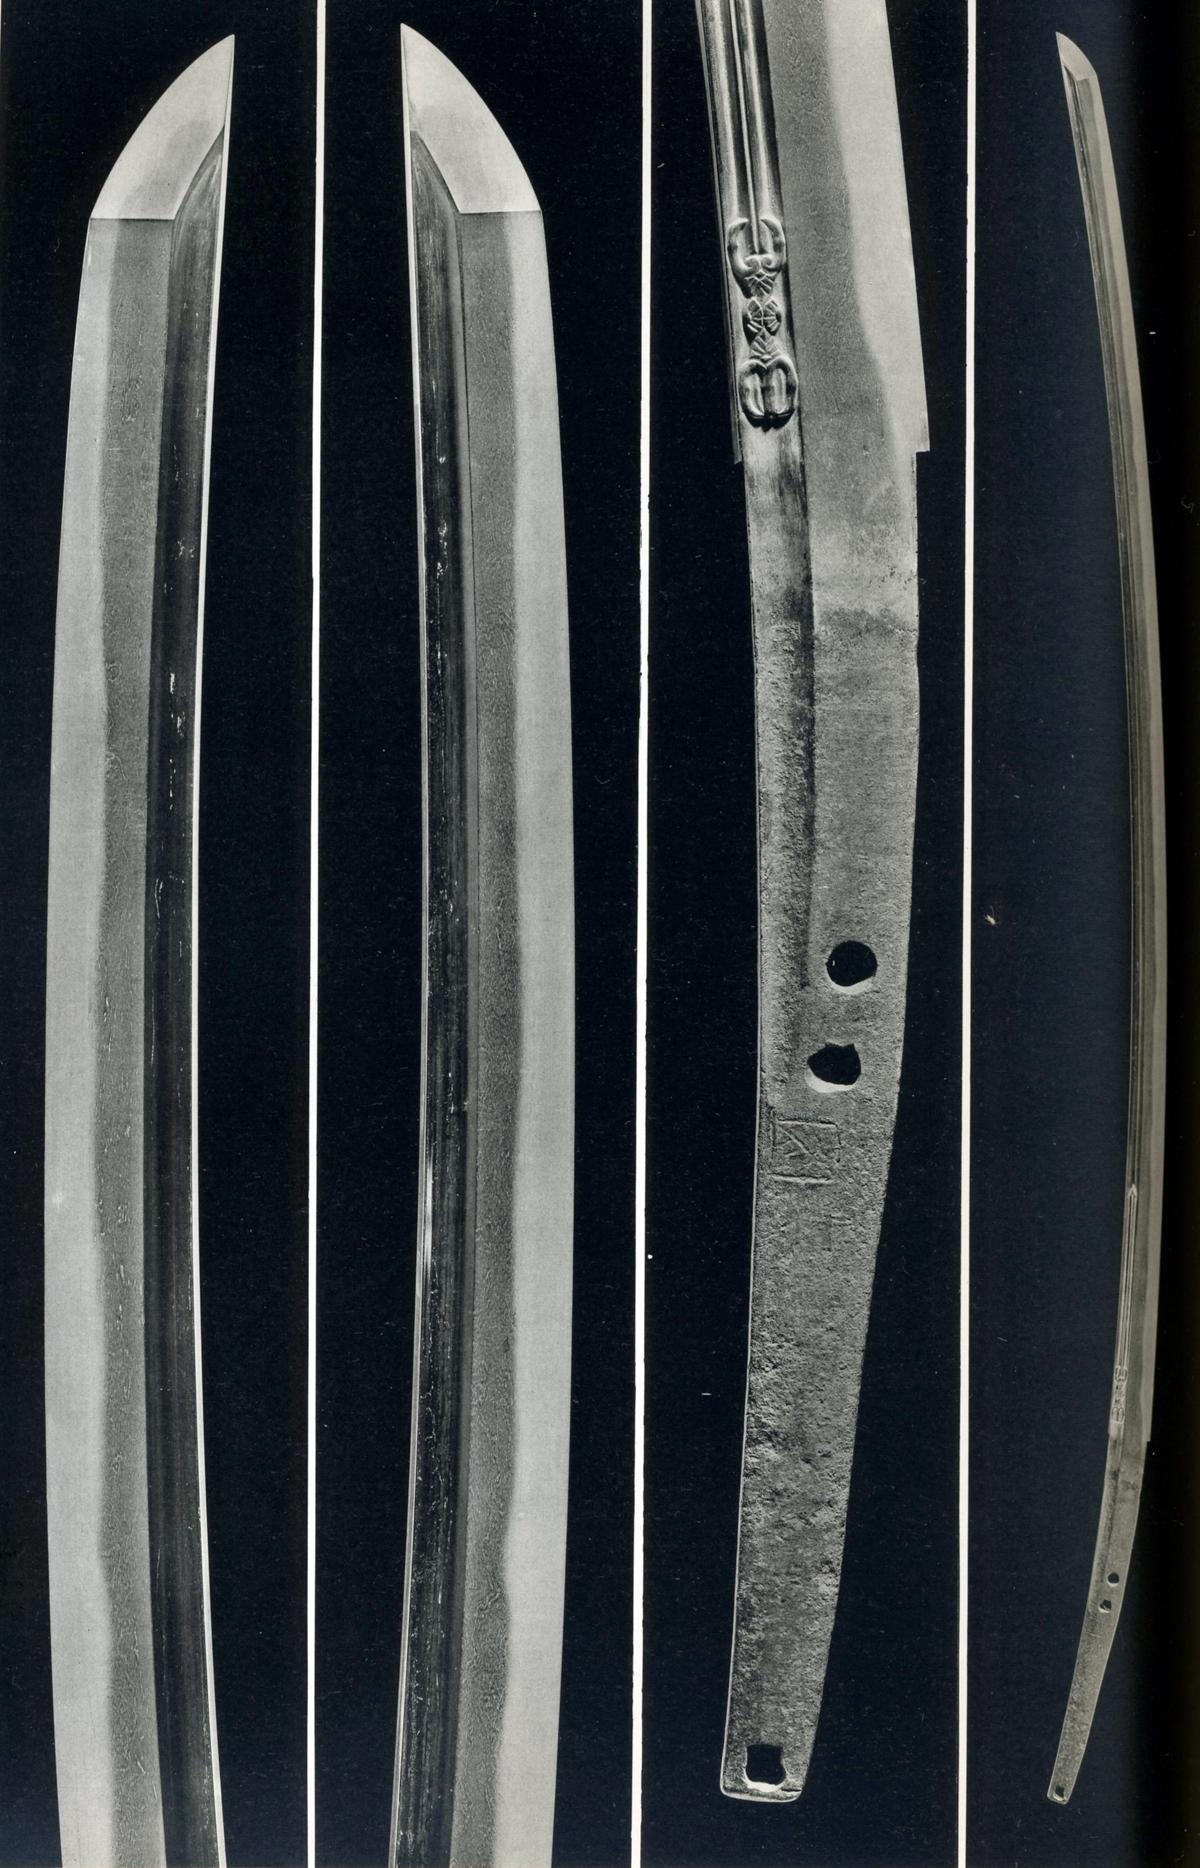 明石国行 | 日本刀や刀剣の買取なら専門店つるぎの屋